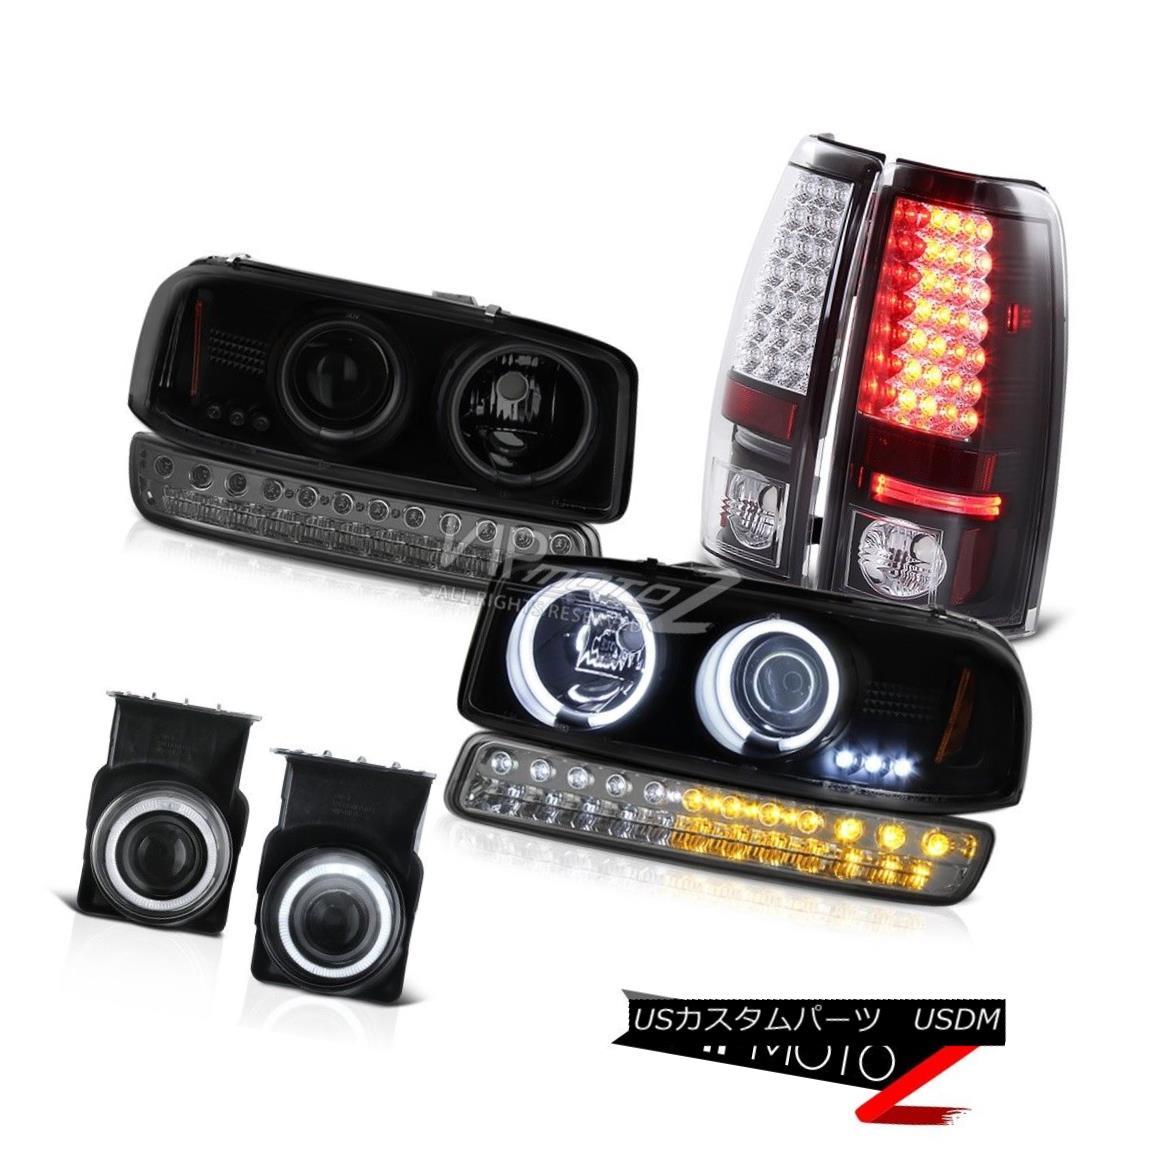 ヘッドライト 03-06 Sierra WT Fog Lamps SMD Tail Brake Lights Smokey Bumper Lamp Headlights 03-06シエラWTフォグランプSMDテールブレーキライトスモーキーバンパーランプヘッドライト